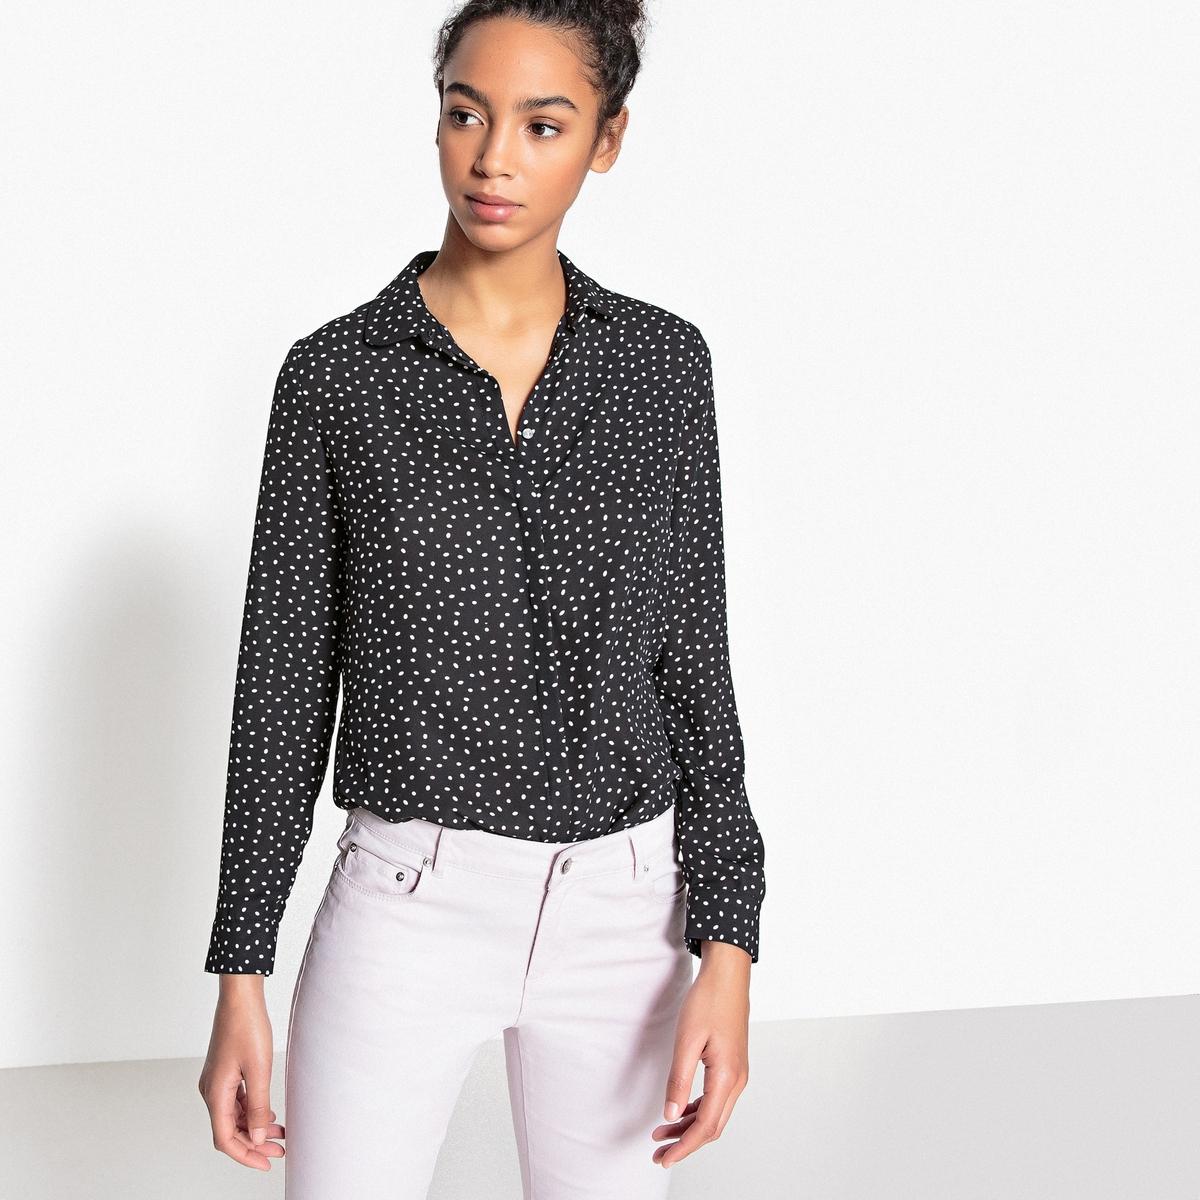 Блузка с воротником-поло и рисунком в горошек